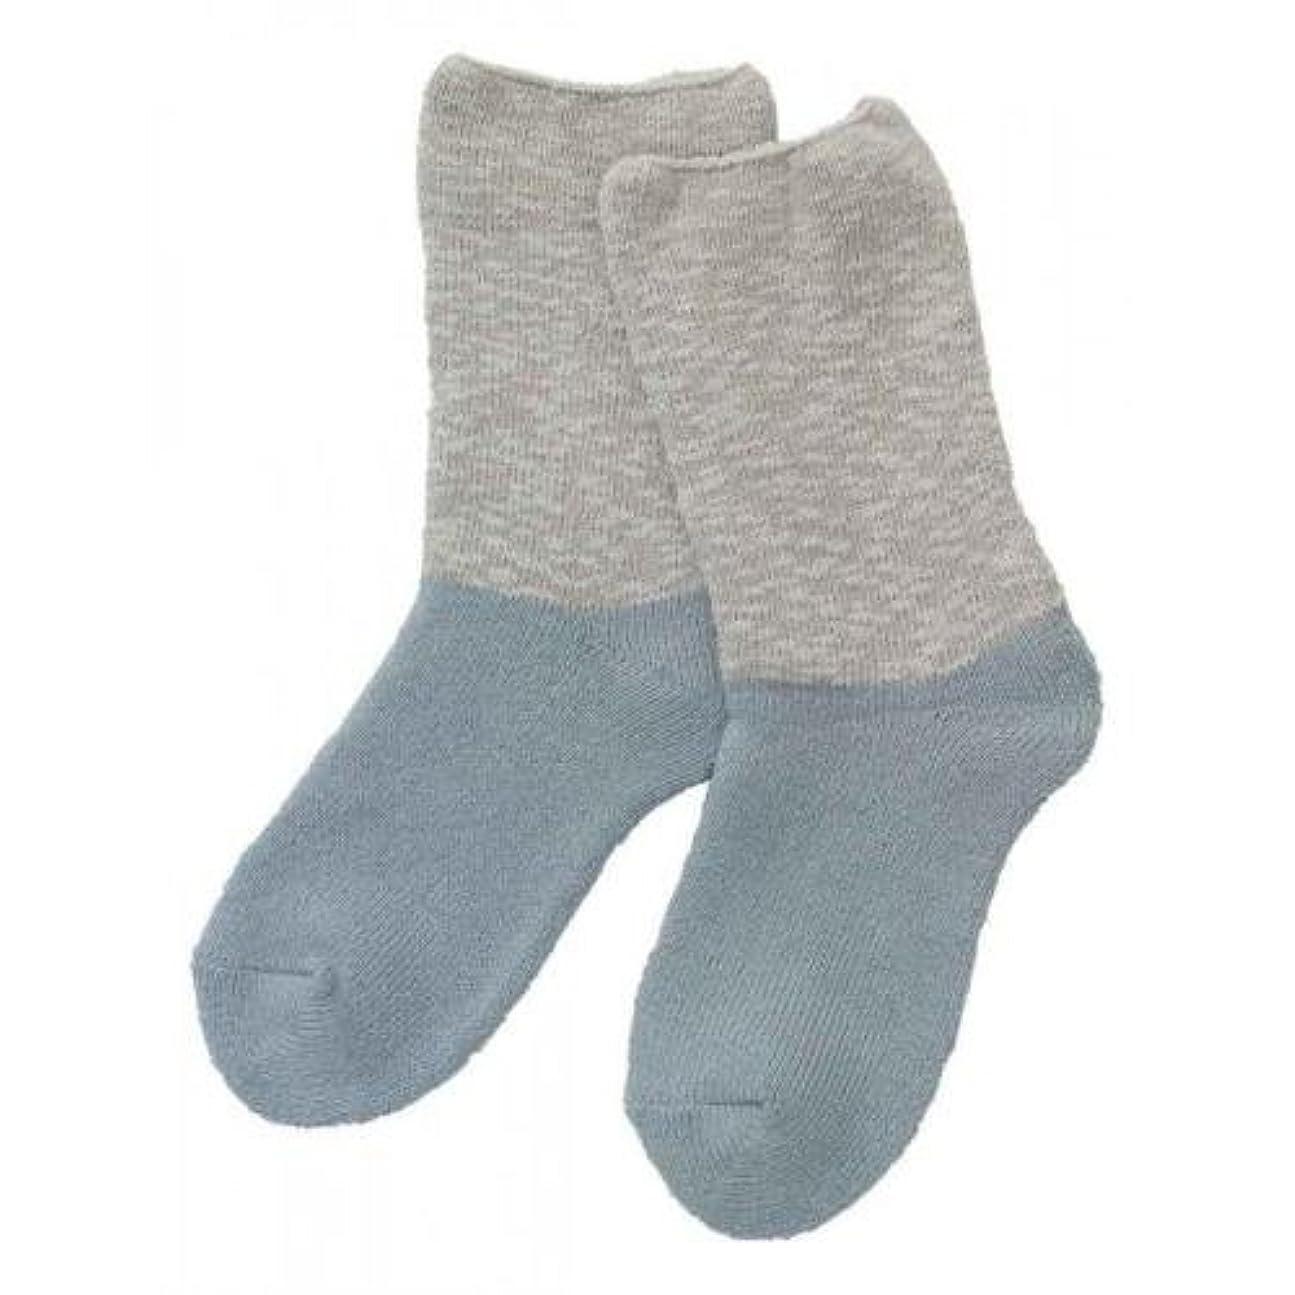 注目すべき上昇クラシックCarelance(ケアランス)お風呂上りのやさしい靴下 綿麻パイルで足先さわやか 8706CA-70 ブルー